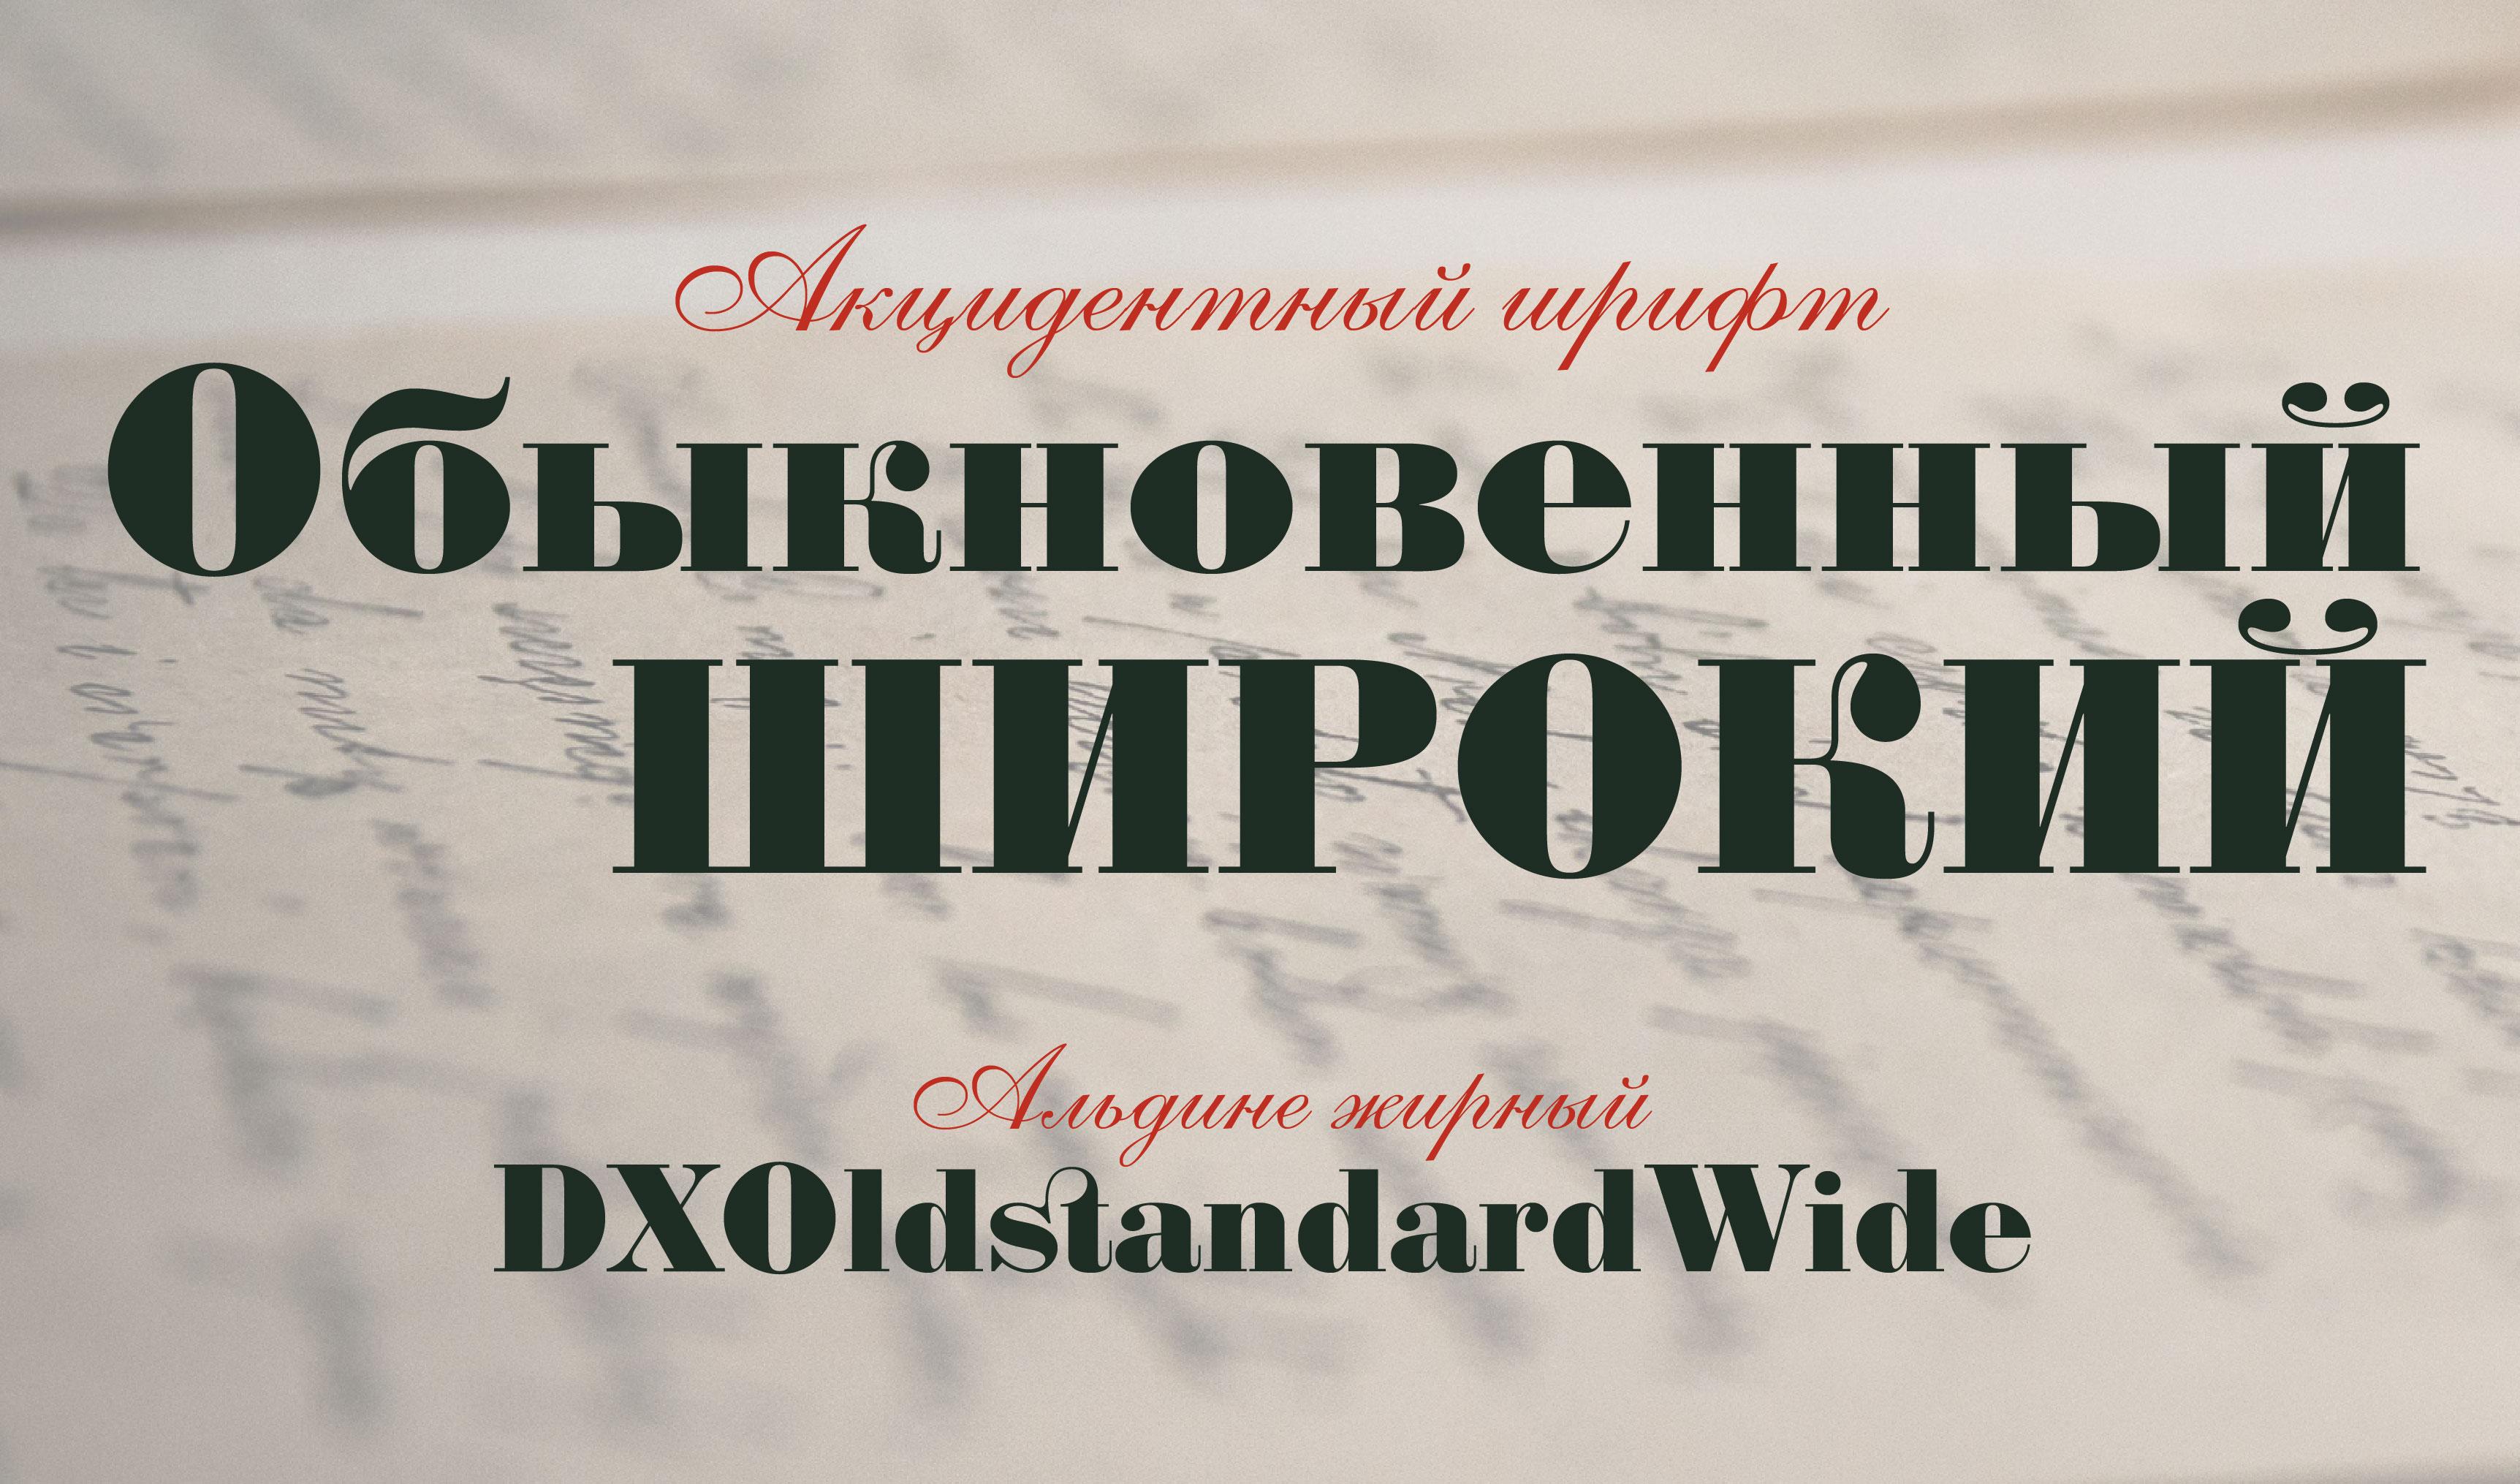 DXOldStandardWide